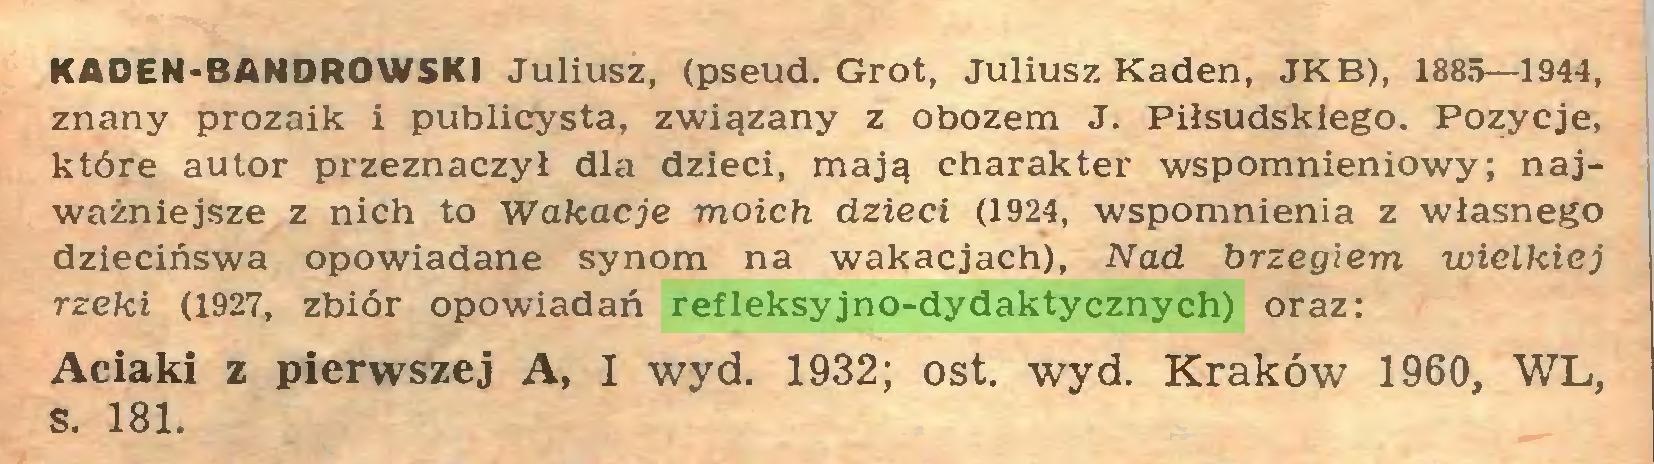 (...) KADEN-BANDROWSKI Juliusz, (pseud. Grot, Juliusz Kaden, JKB), 1885—1944, znany prozaik i publicysta, związany z obozem J. Piłsudskiego. Pozycje, które autor przeznaczył dla dzieci, mają charakter wspomnieniowy; najważniejsze z nich to Wakacje moich dzieci (1924, wspomnienia z własnego dziecińswa opowiadane synom na wakacjach), Nad brzegiem wielkiej rzeki (1927, zbiór opowiadań refleksyjno-dydaktycznych) oraz: Aciaki z pierwszej A, I wyd. 1932; ost. wyd. Kraków 1960, WL, s. 181...